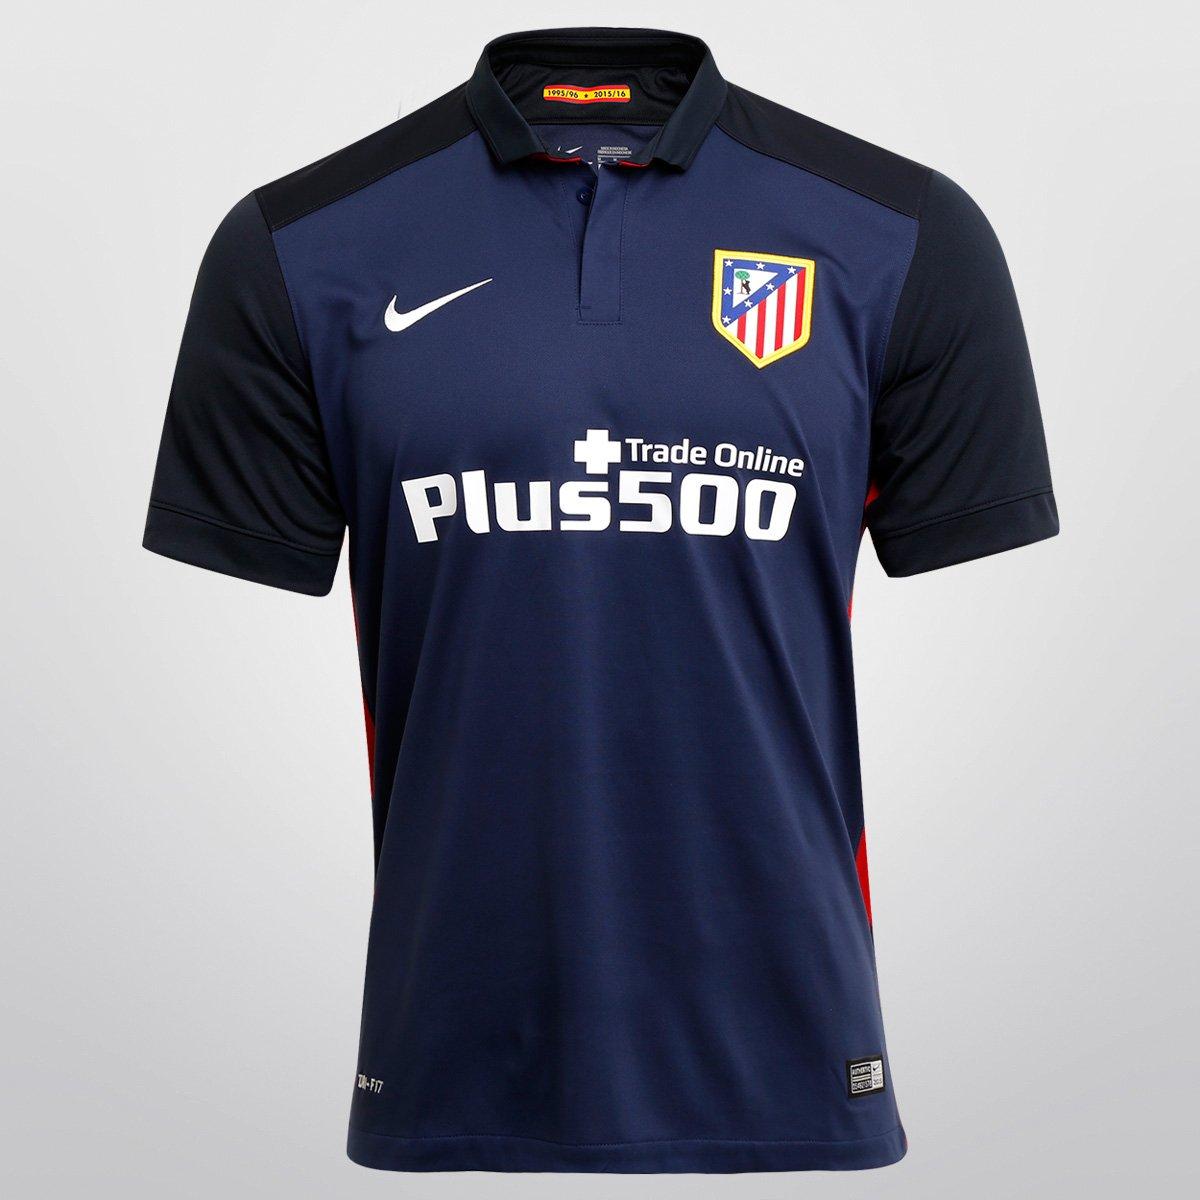 25a21bd3a0 Camisa Nike Atlético de Madrid Away 15 16 s nº - Compre Agora